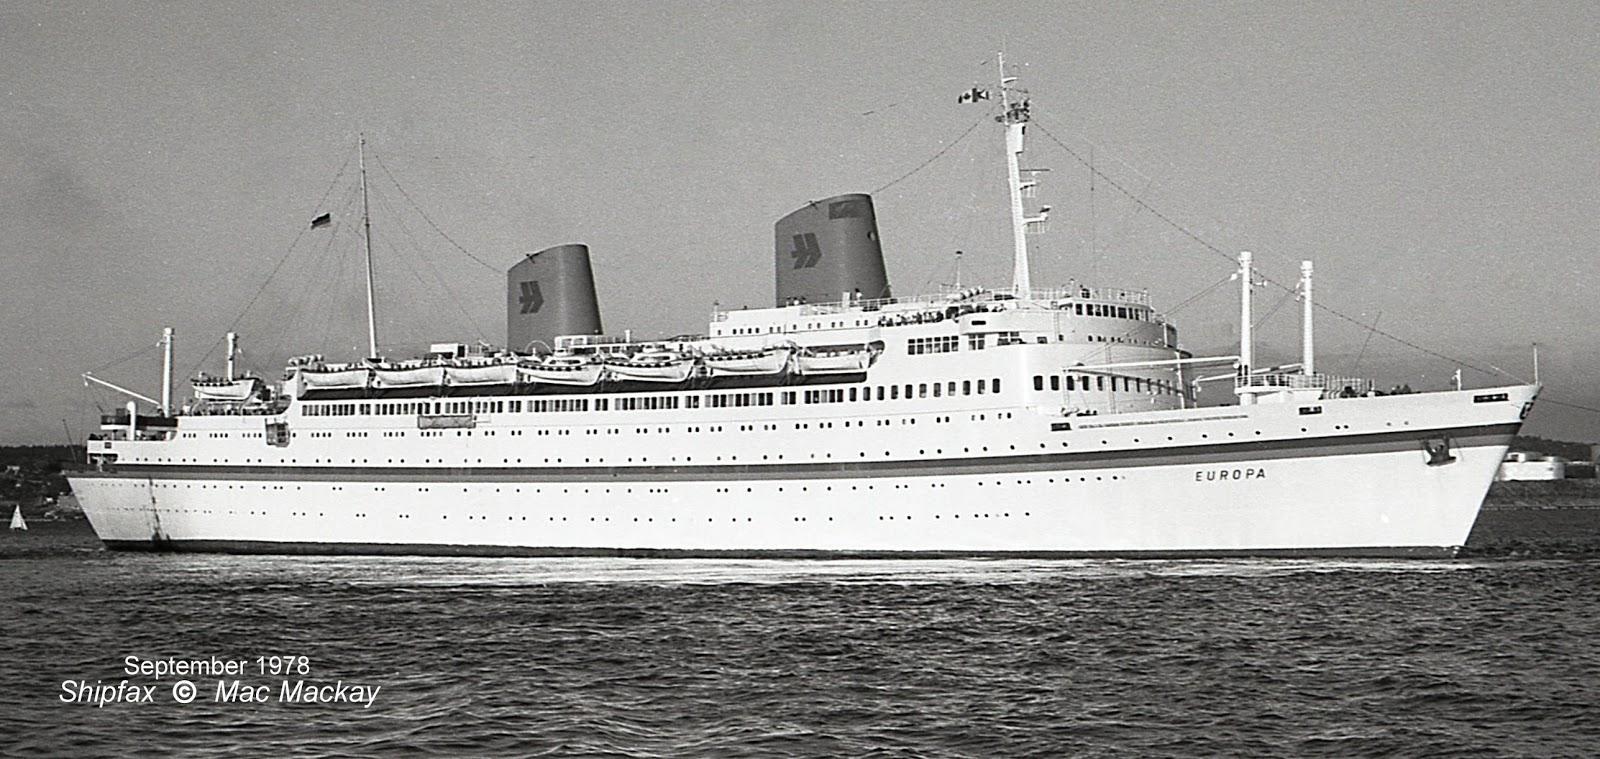 shipfax oldies day